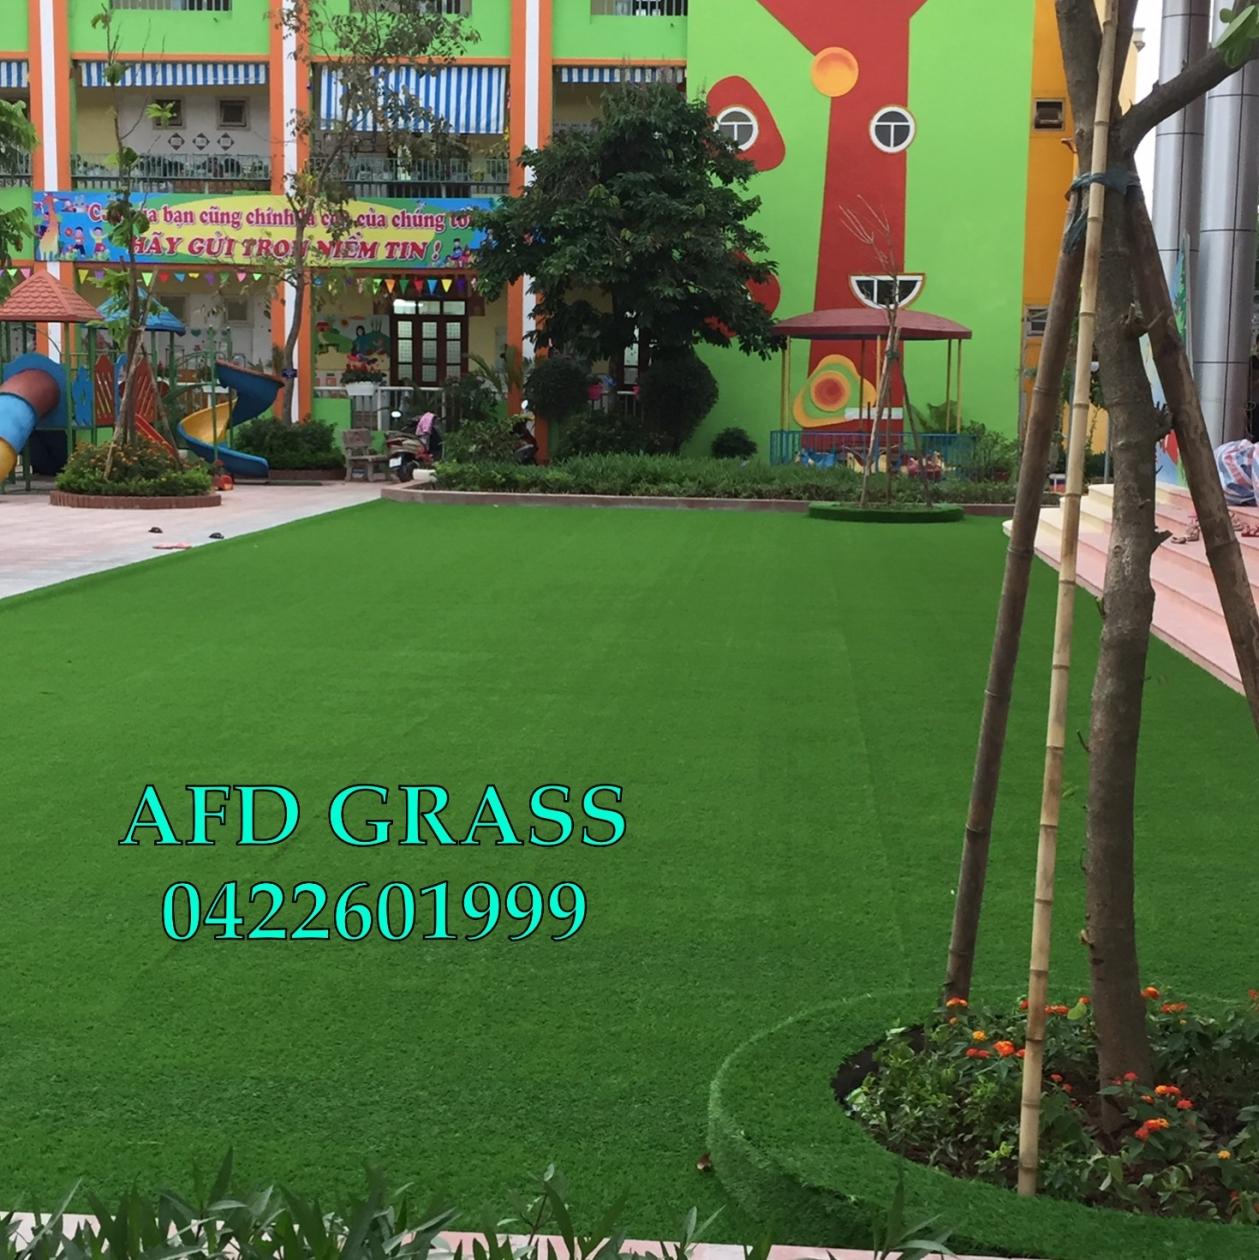 THI CoNG CoNG TRiNH TRuoNG MaM NON TaN LaP dAN PHuoNG  _u8uWy → Công ty AFD grass